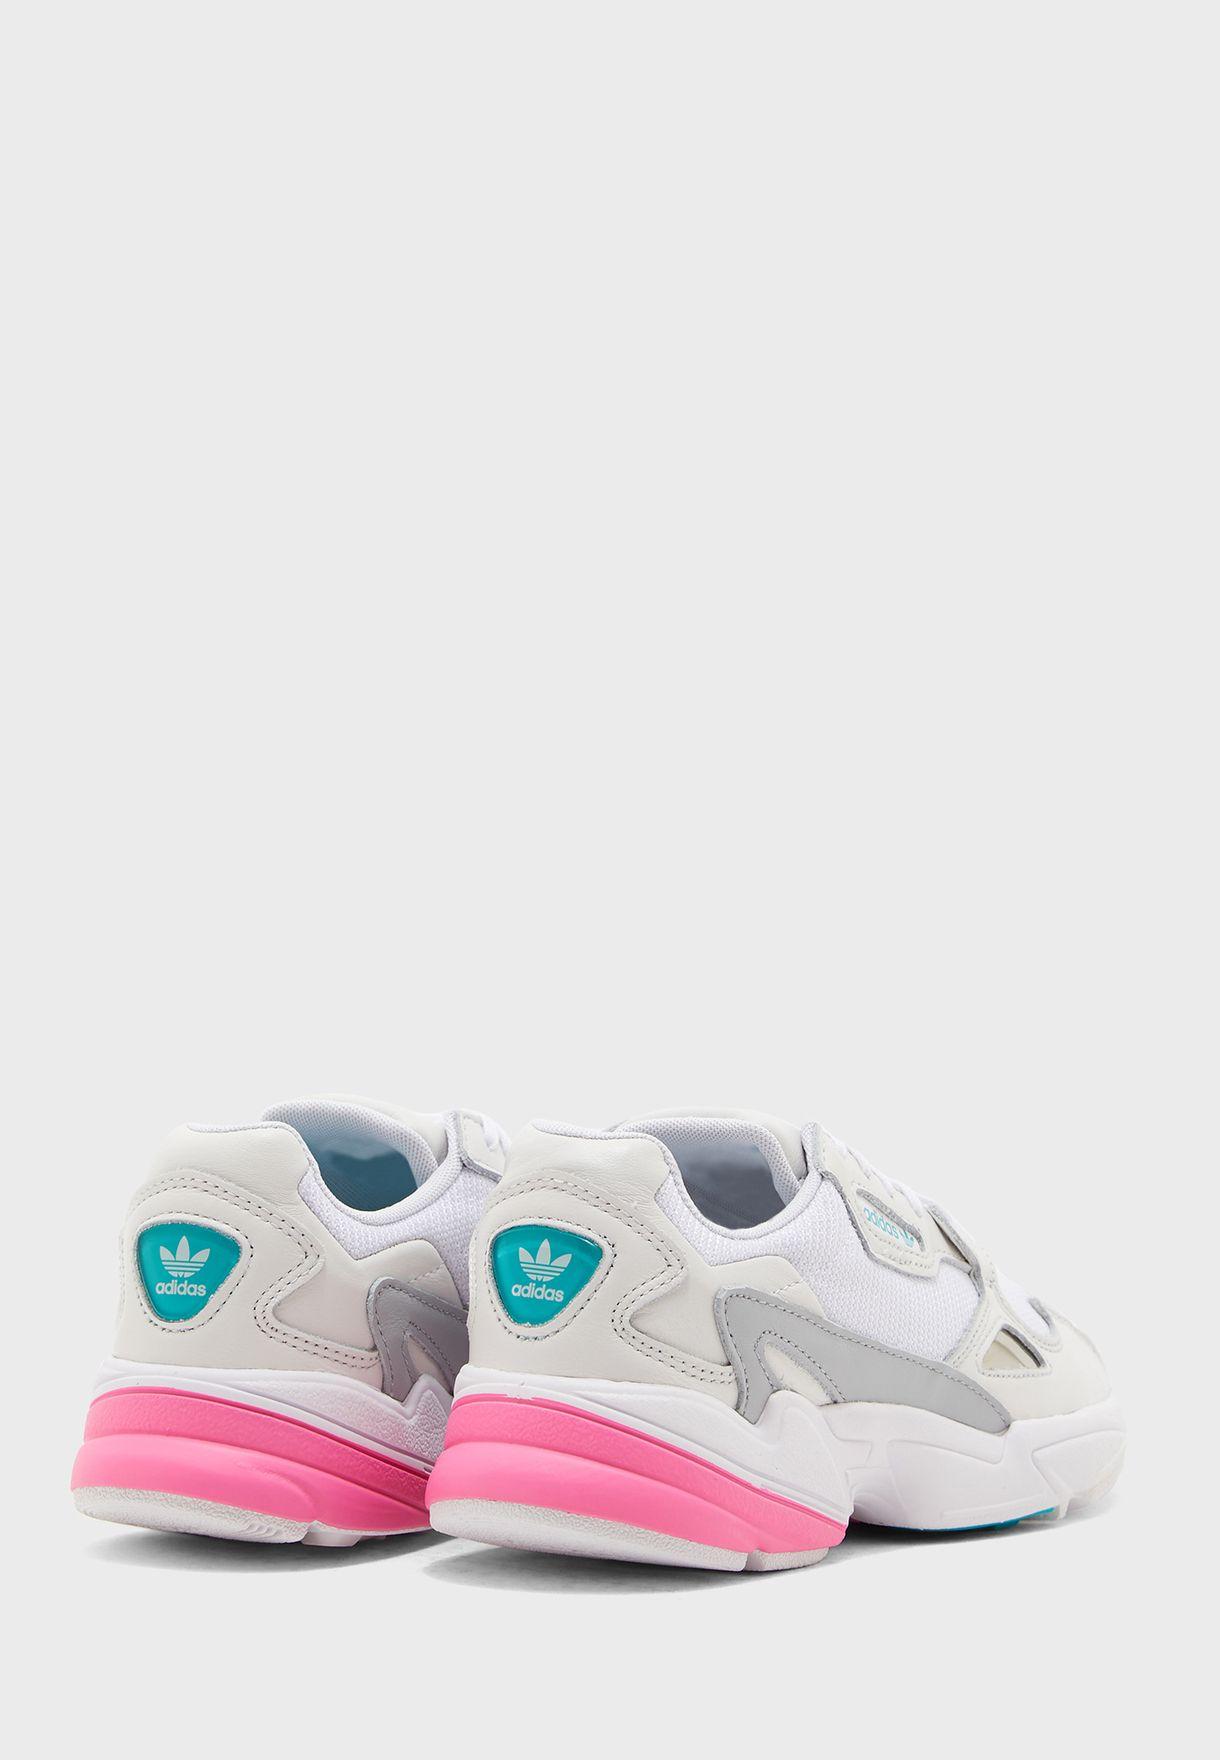 حذاء من مجموعة أديداس أس أل